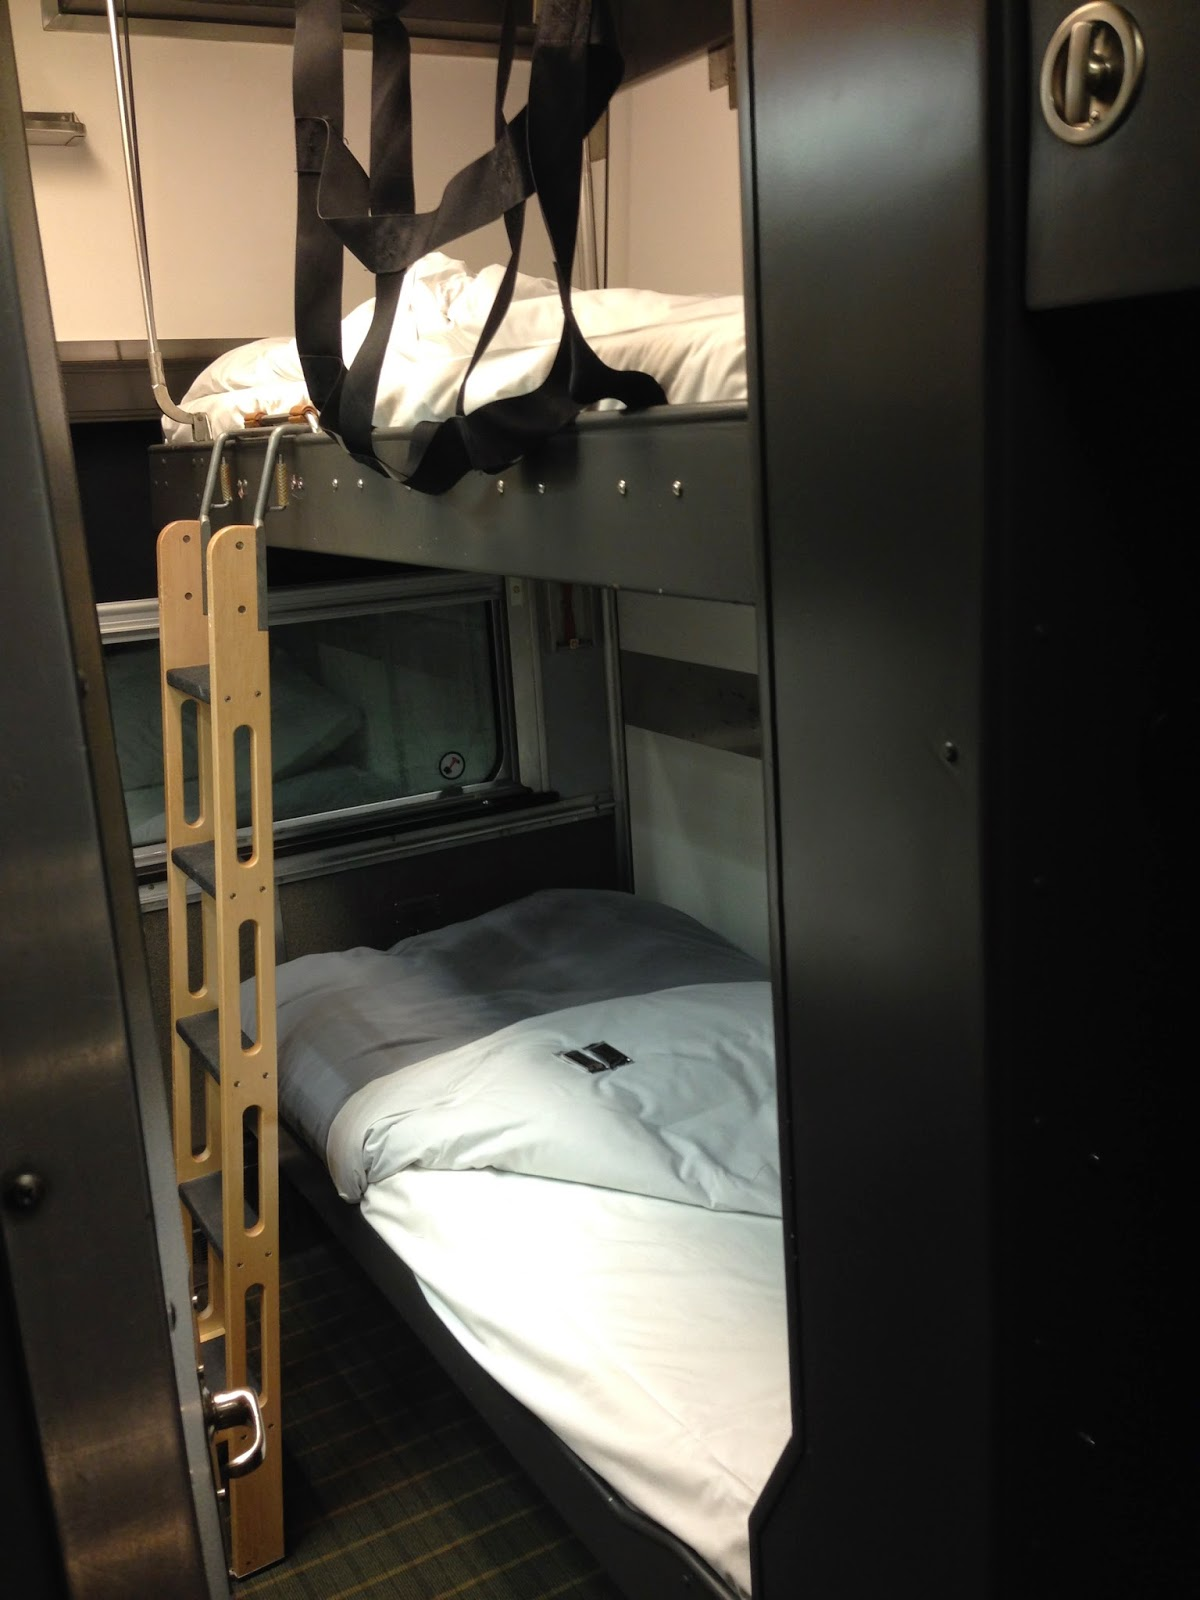 Via Rail Adventure Via Rail Sleeper Car Adventure